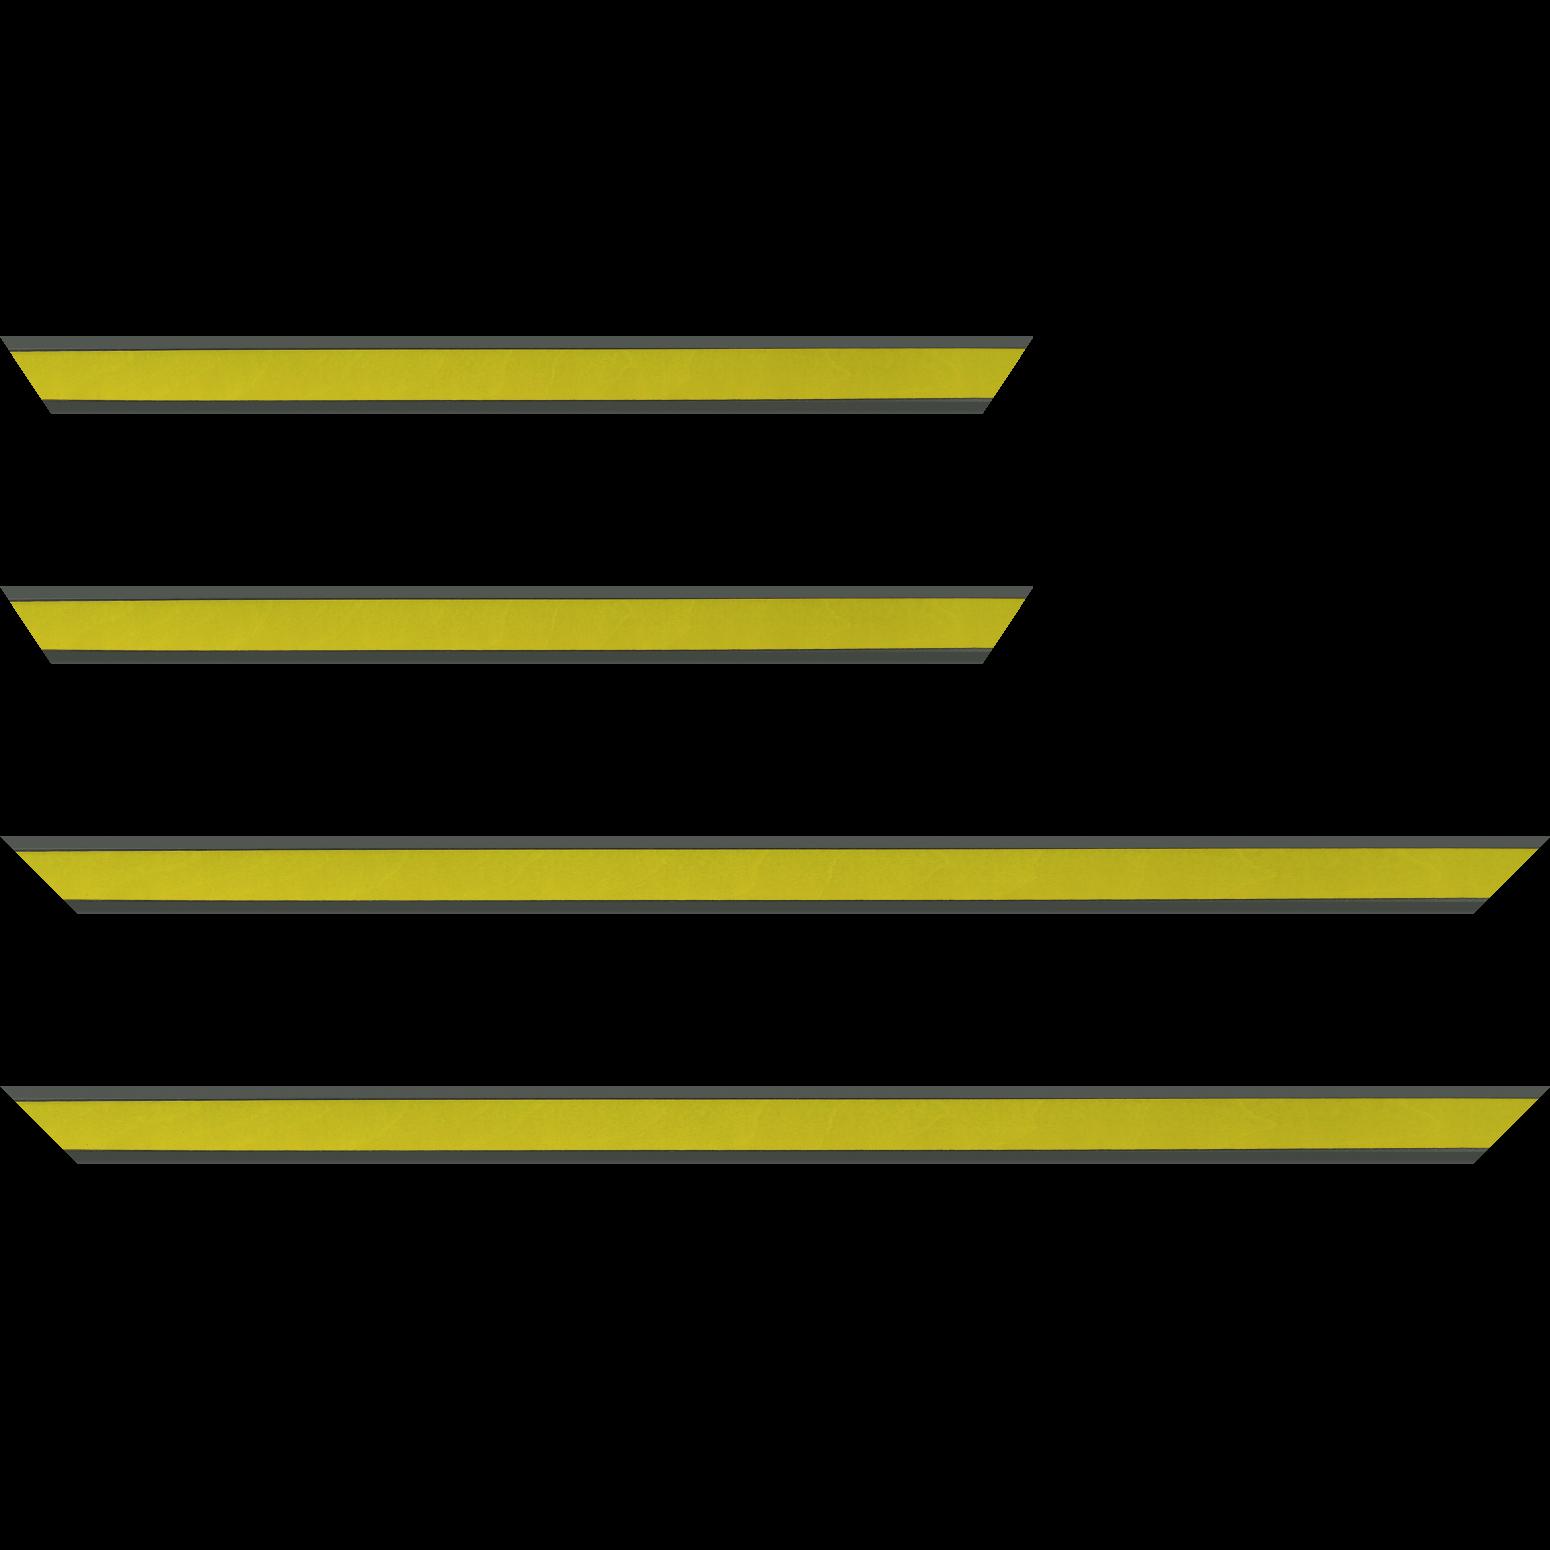 Baguette service précoupé Bois essence marupa profil plat largeur 2.5cm plaquage érable teinté vert anis, filet intérieur et extérieur gris foncé